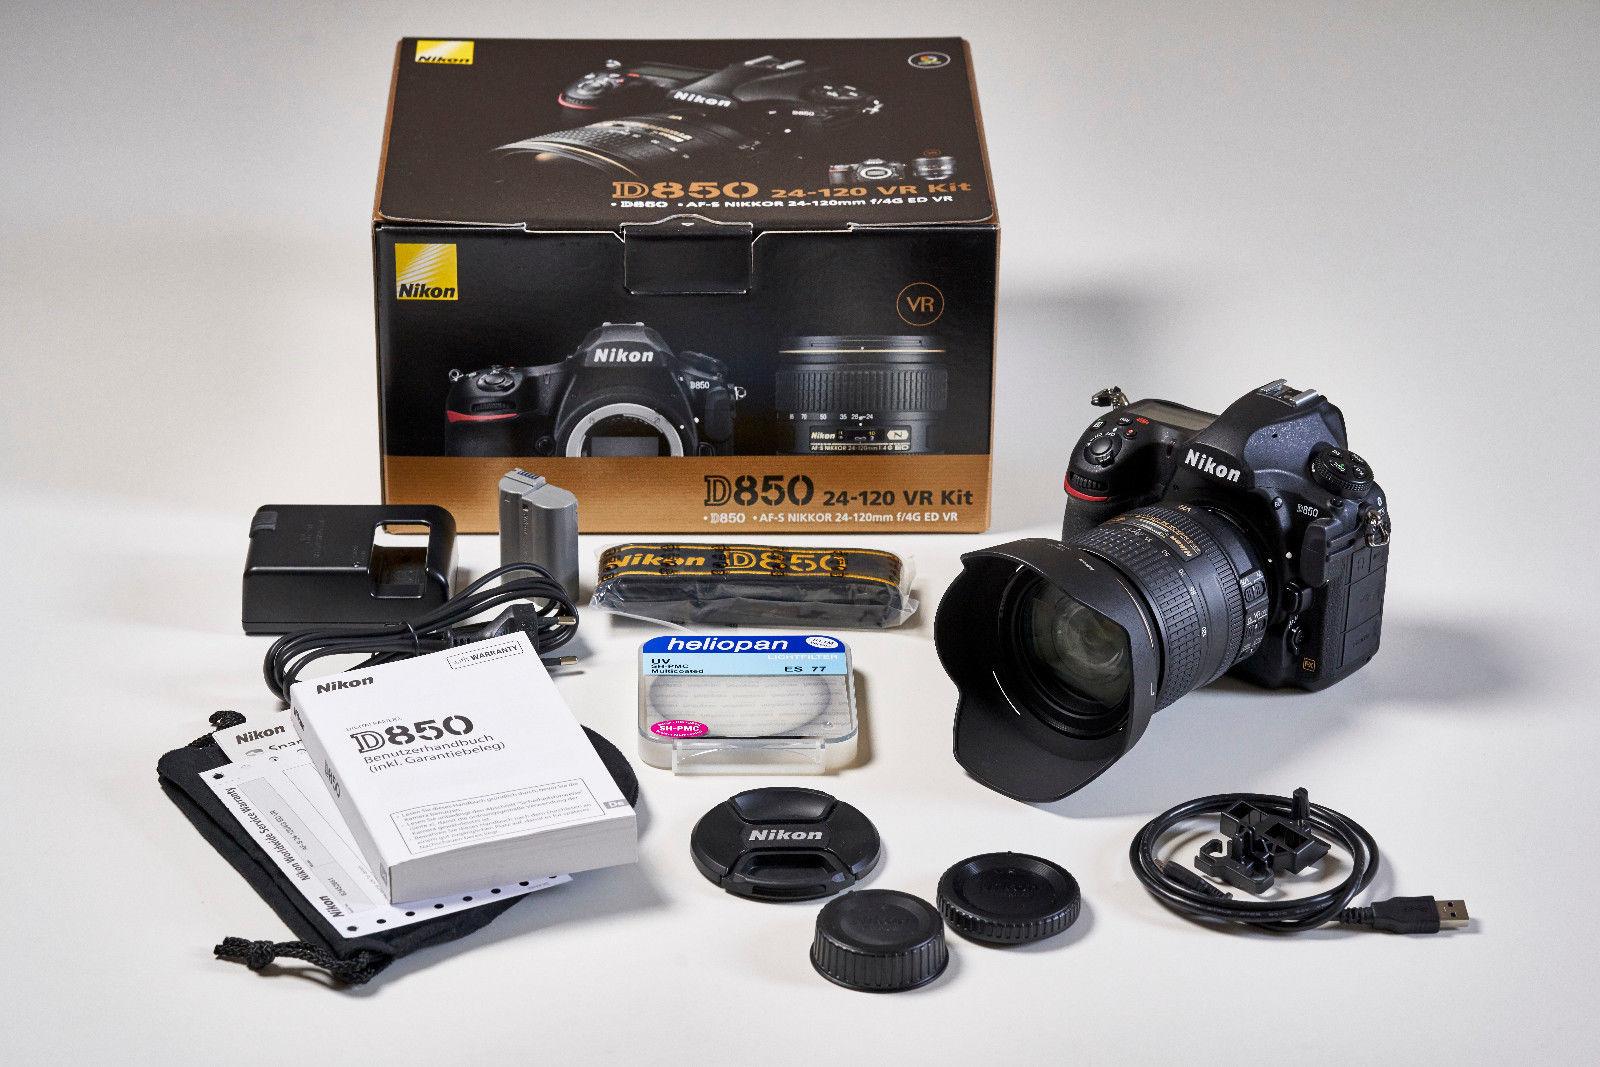 NIKON D850 mit Kit-Objektiv mit AF-S Nikkor 24-120mm f/4 ED